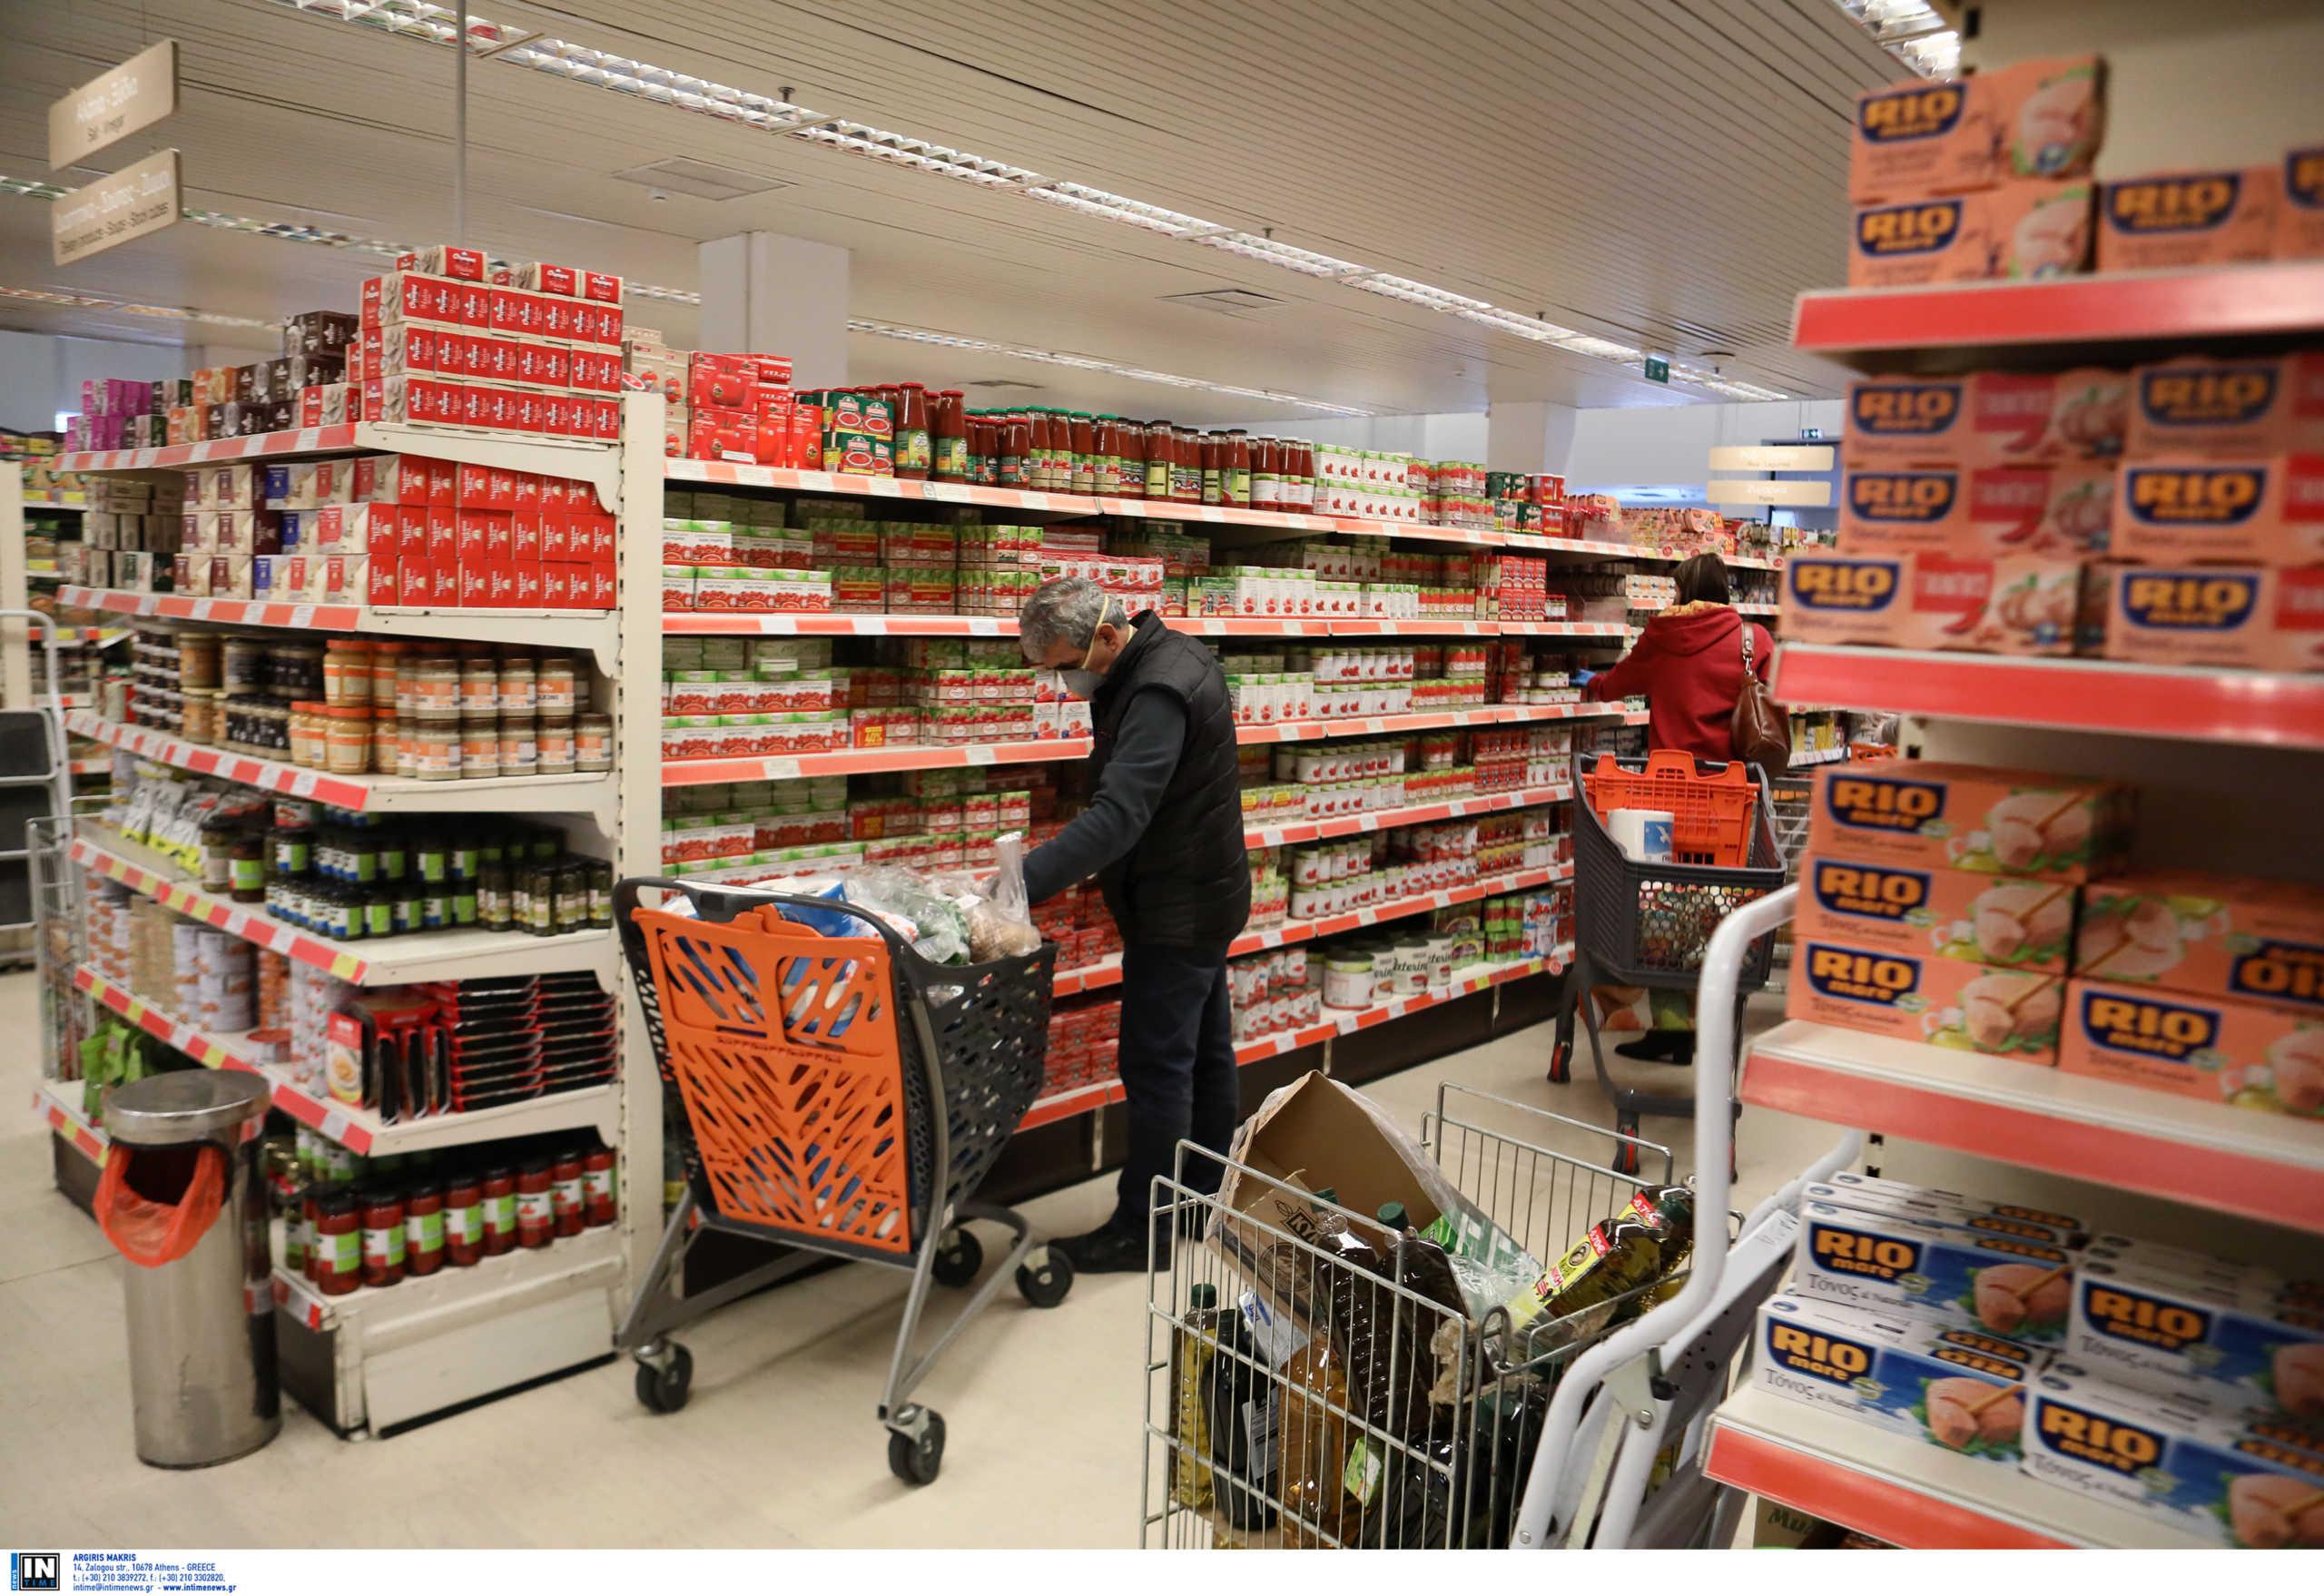 Πτώση 24,8% στο λιανικό εμπόριο τον Απρίλιο λόγω του lockdown – «Διασώθηκαν» τα σούπερ μάρκετ